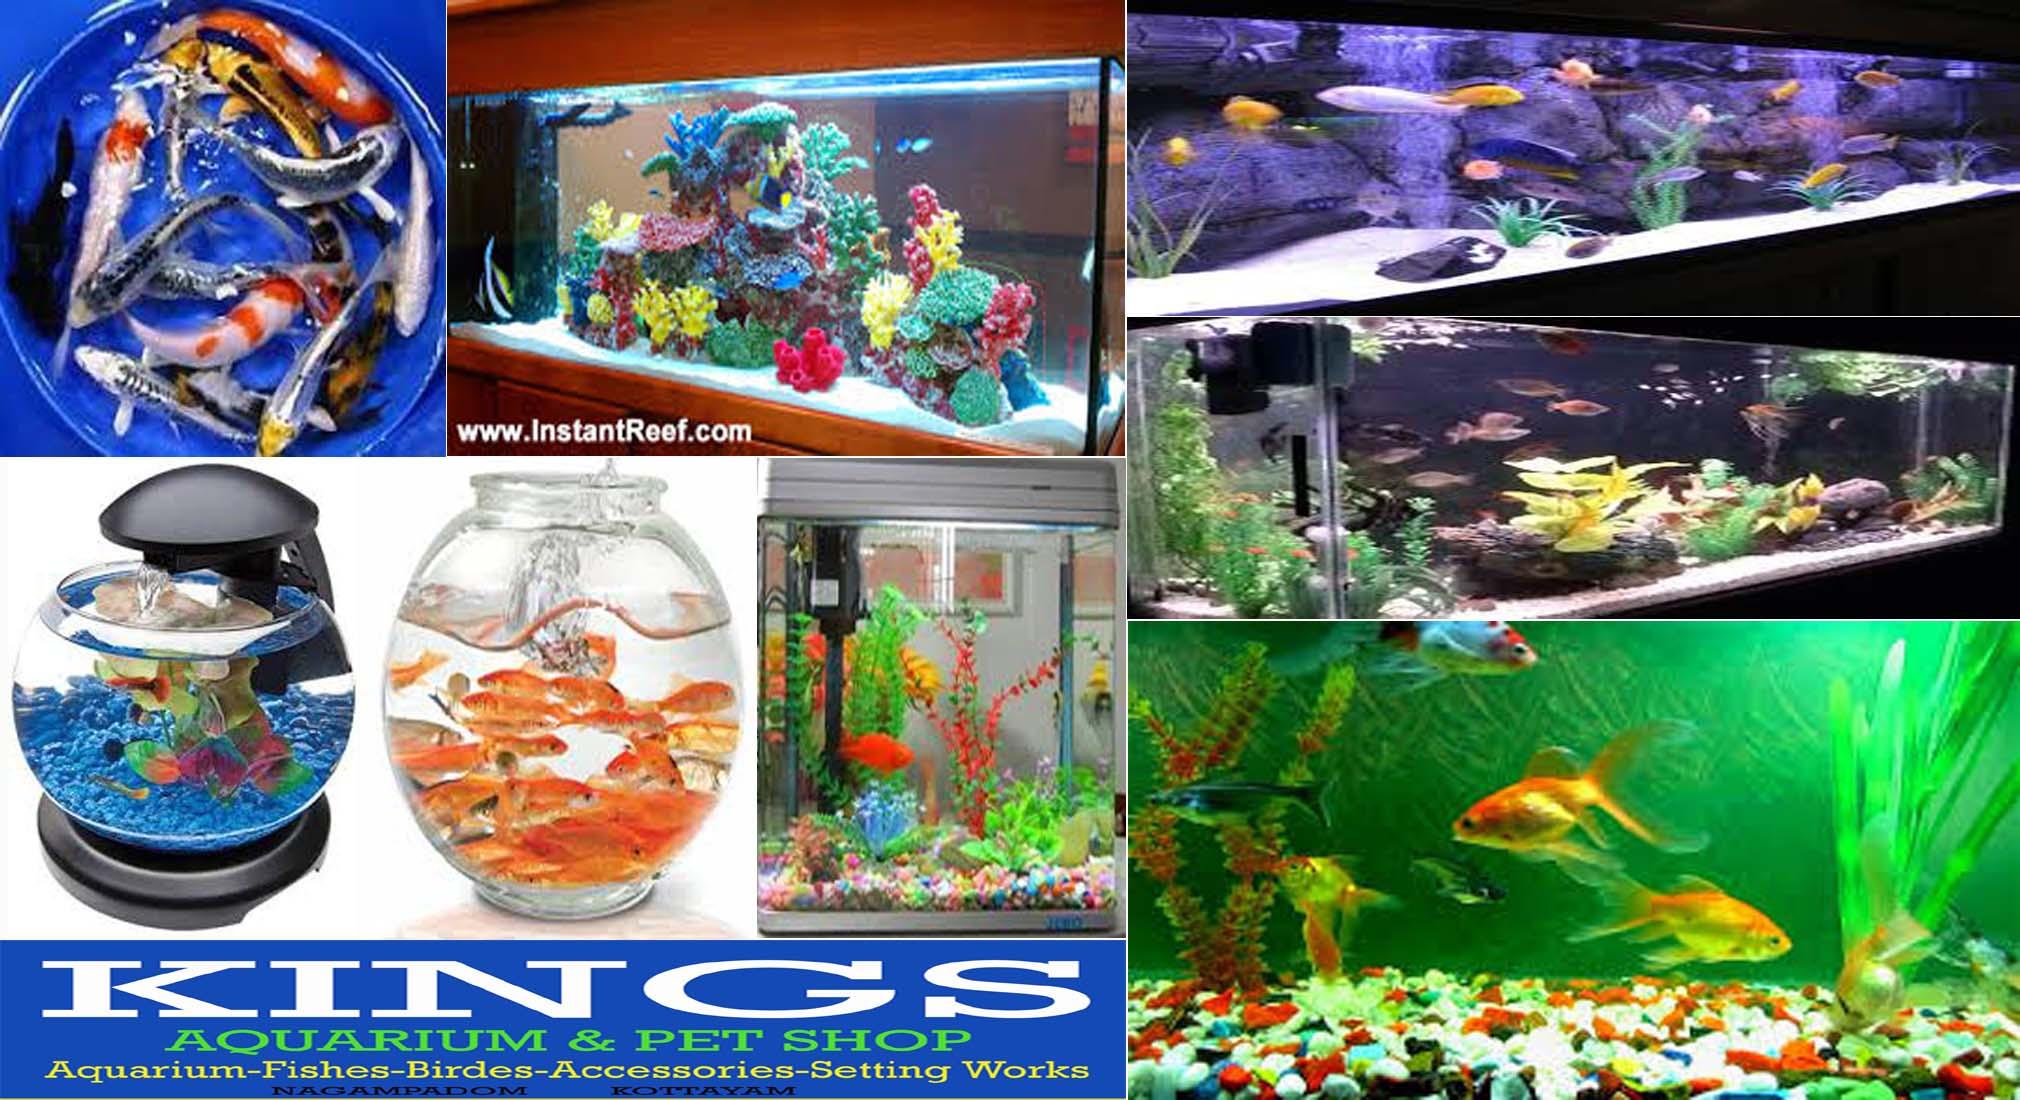 Fish aquarium in gurgaon - Located In